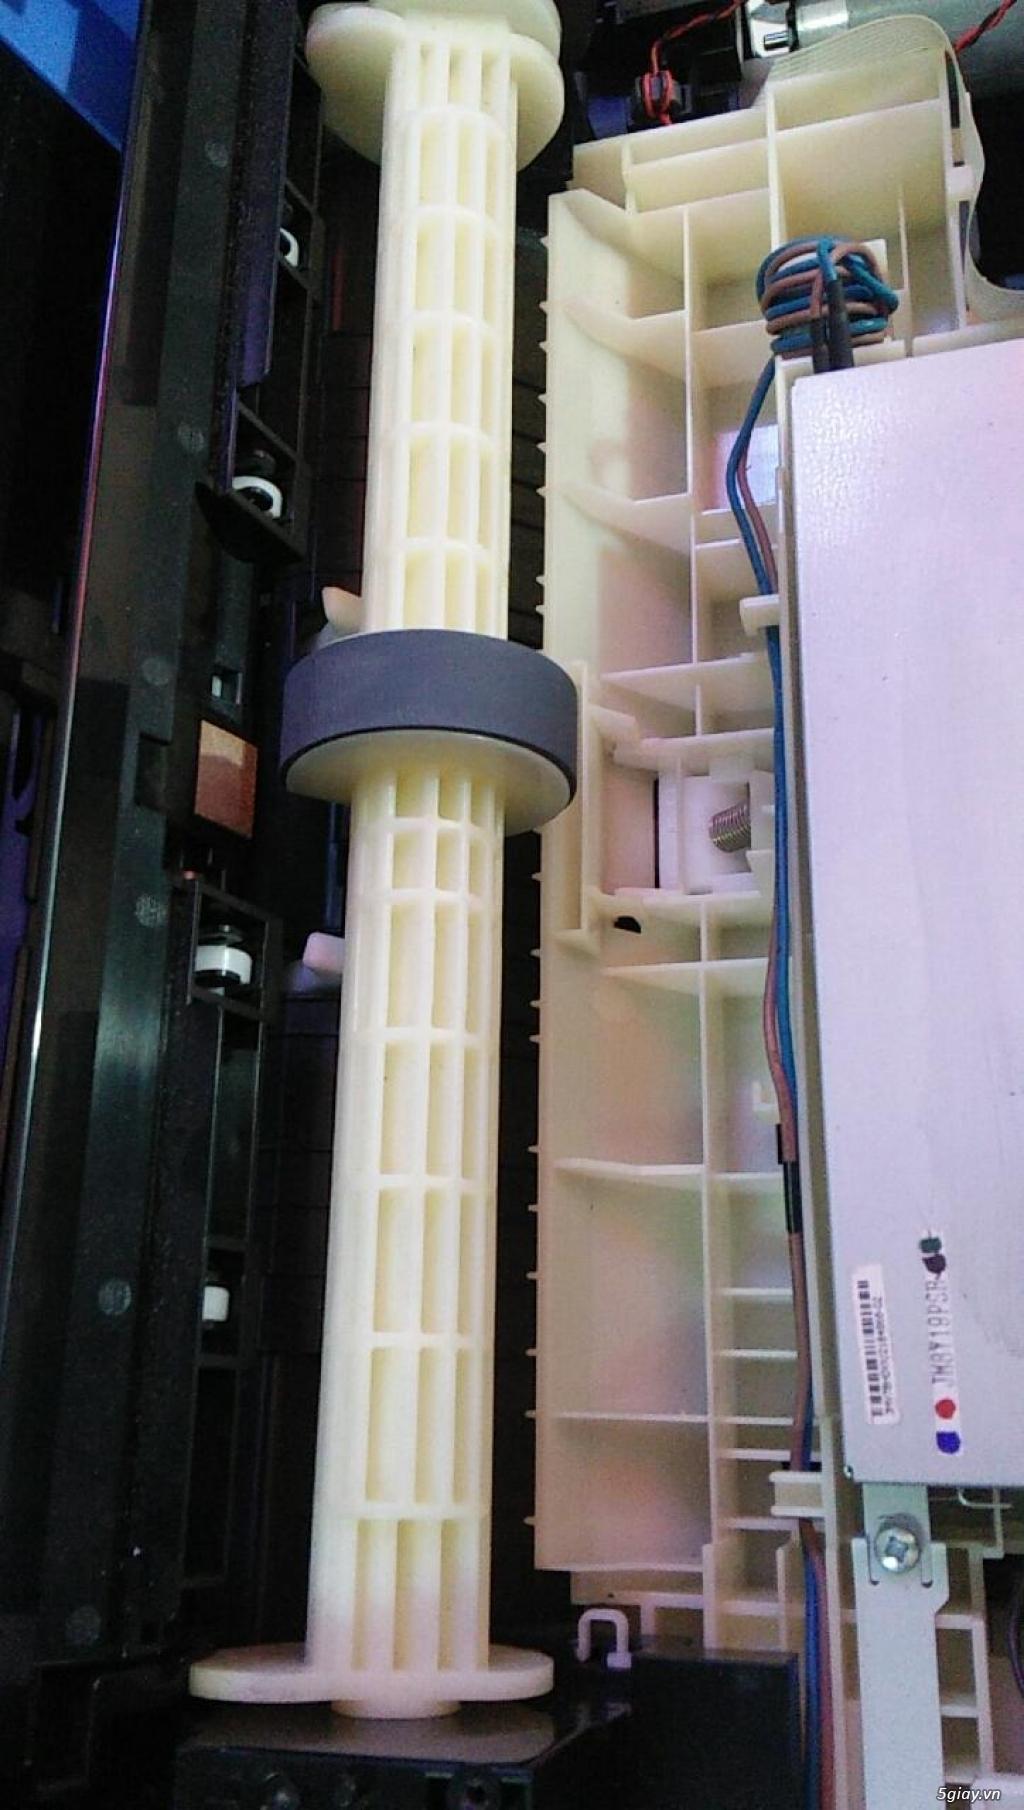 Cung cấp quả đào cuốn giấy,trục kéo giấy máy in Epson C5290 tại Quận 3